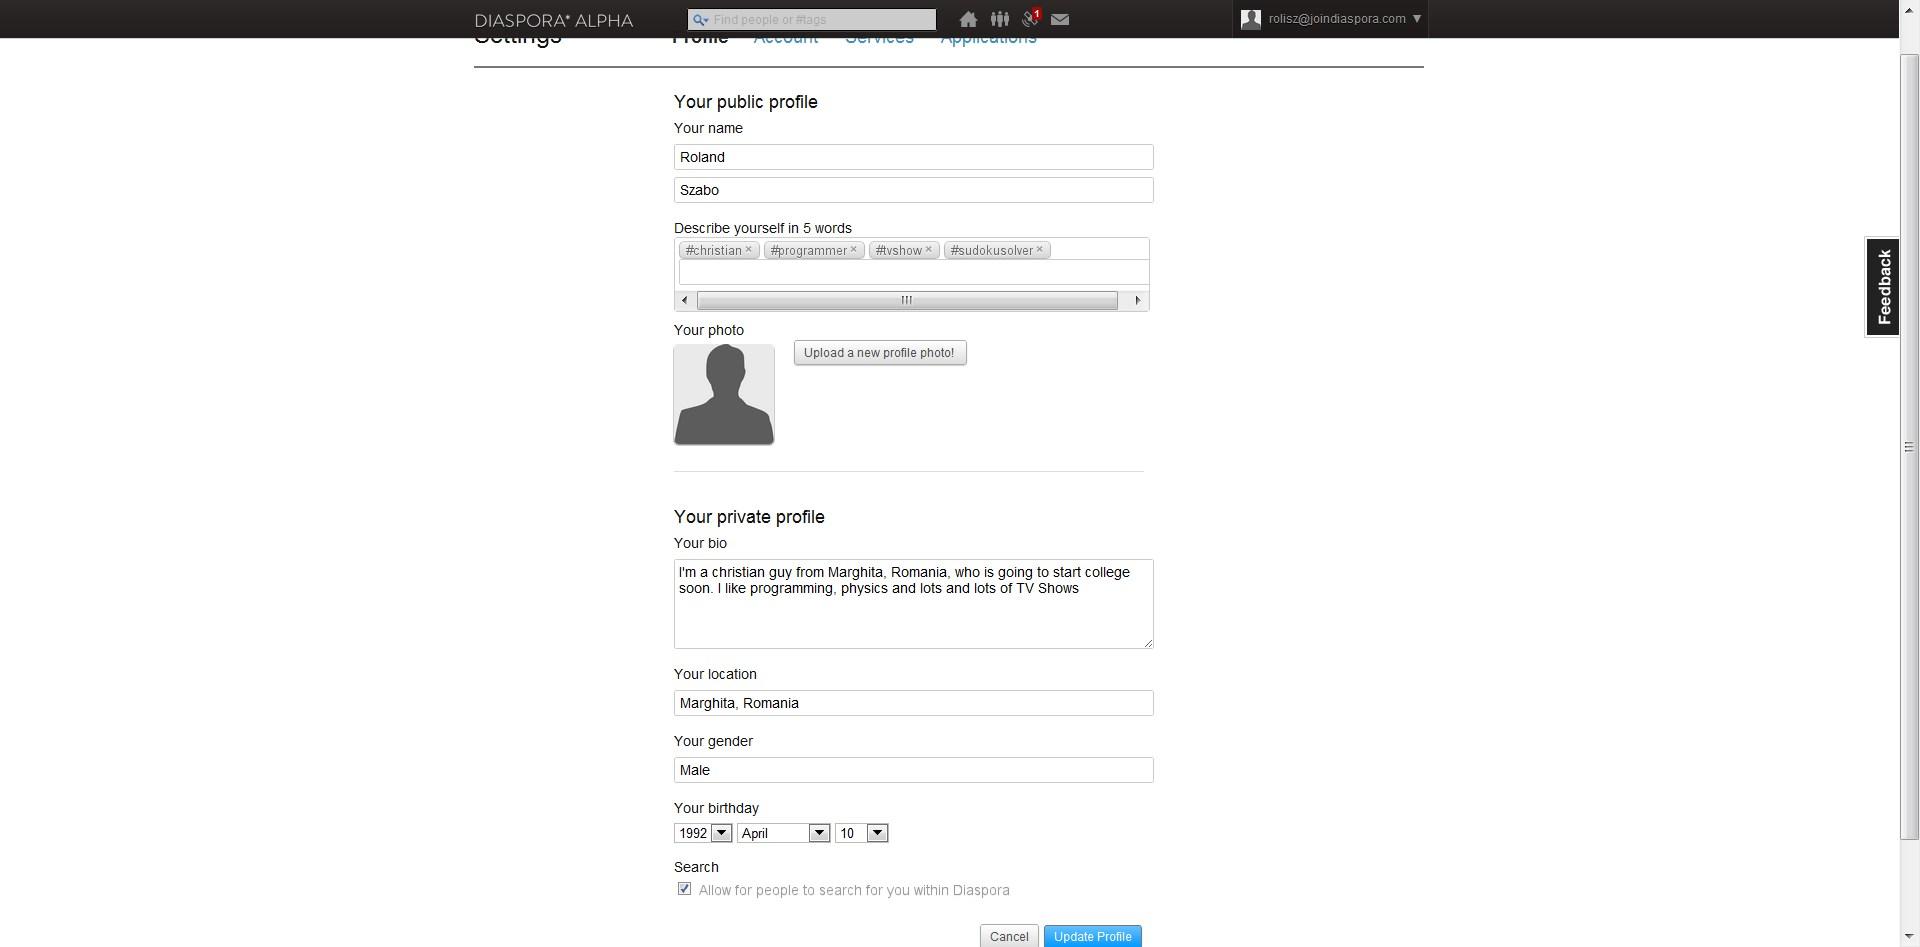 Diaspore registering